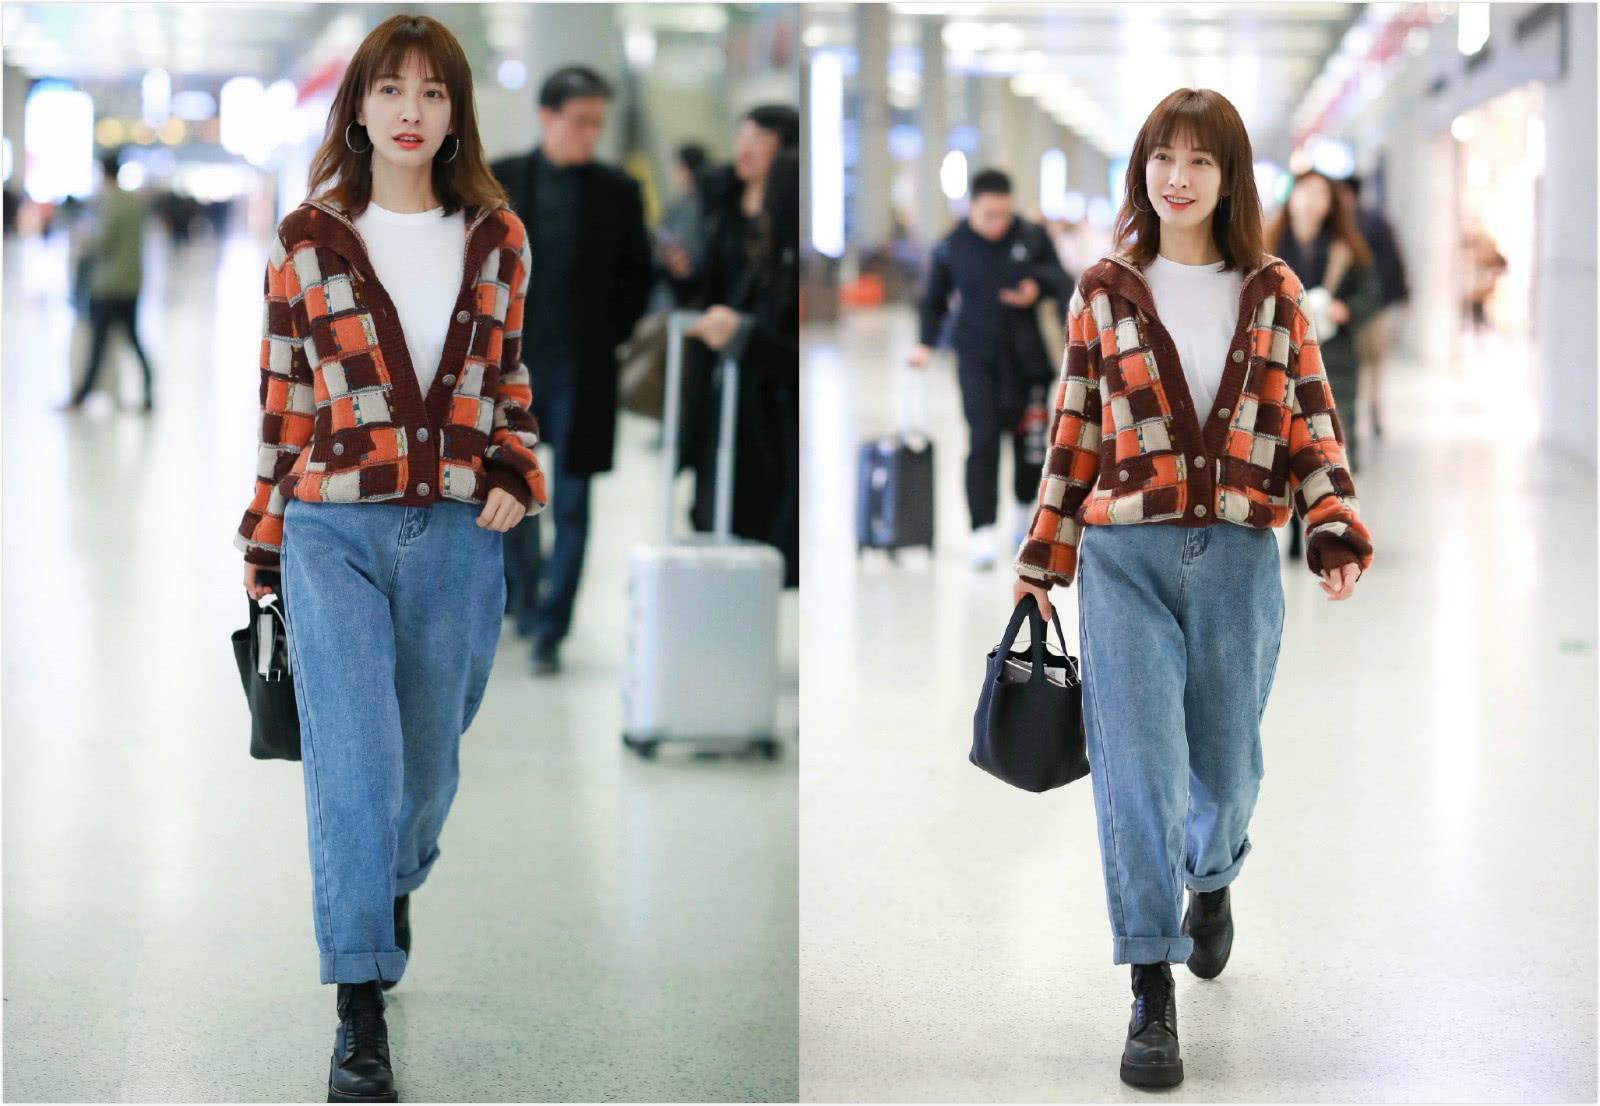 37岁吴昕现身机场,穿格纹针织衫配牛仔裤,提水桶包休闲又时髦